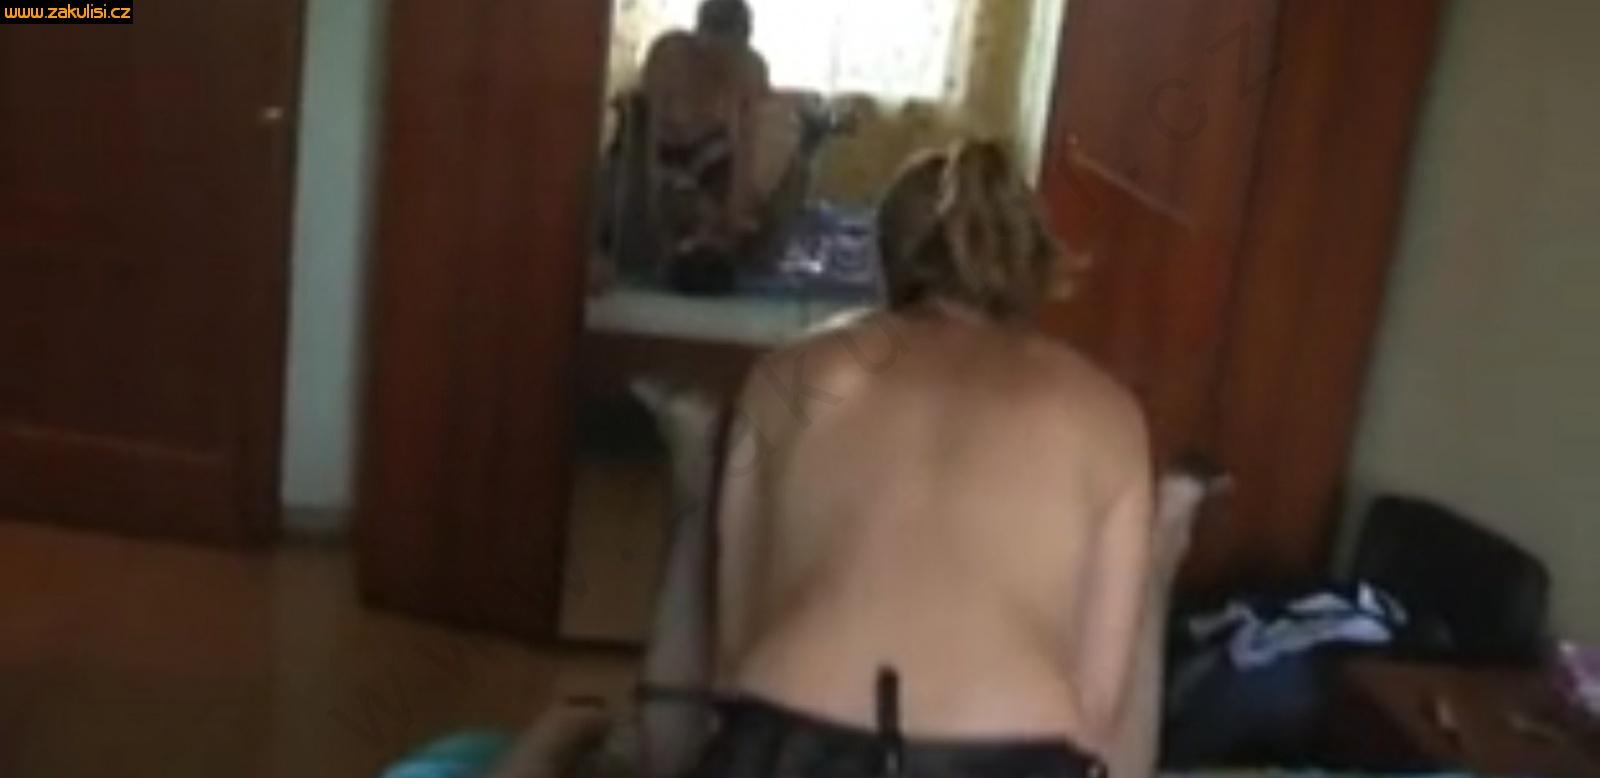 svobodný muž nahé porno